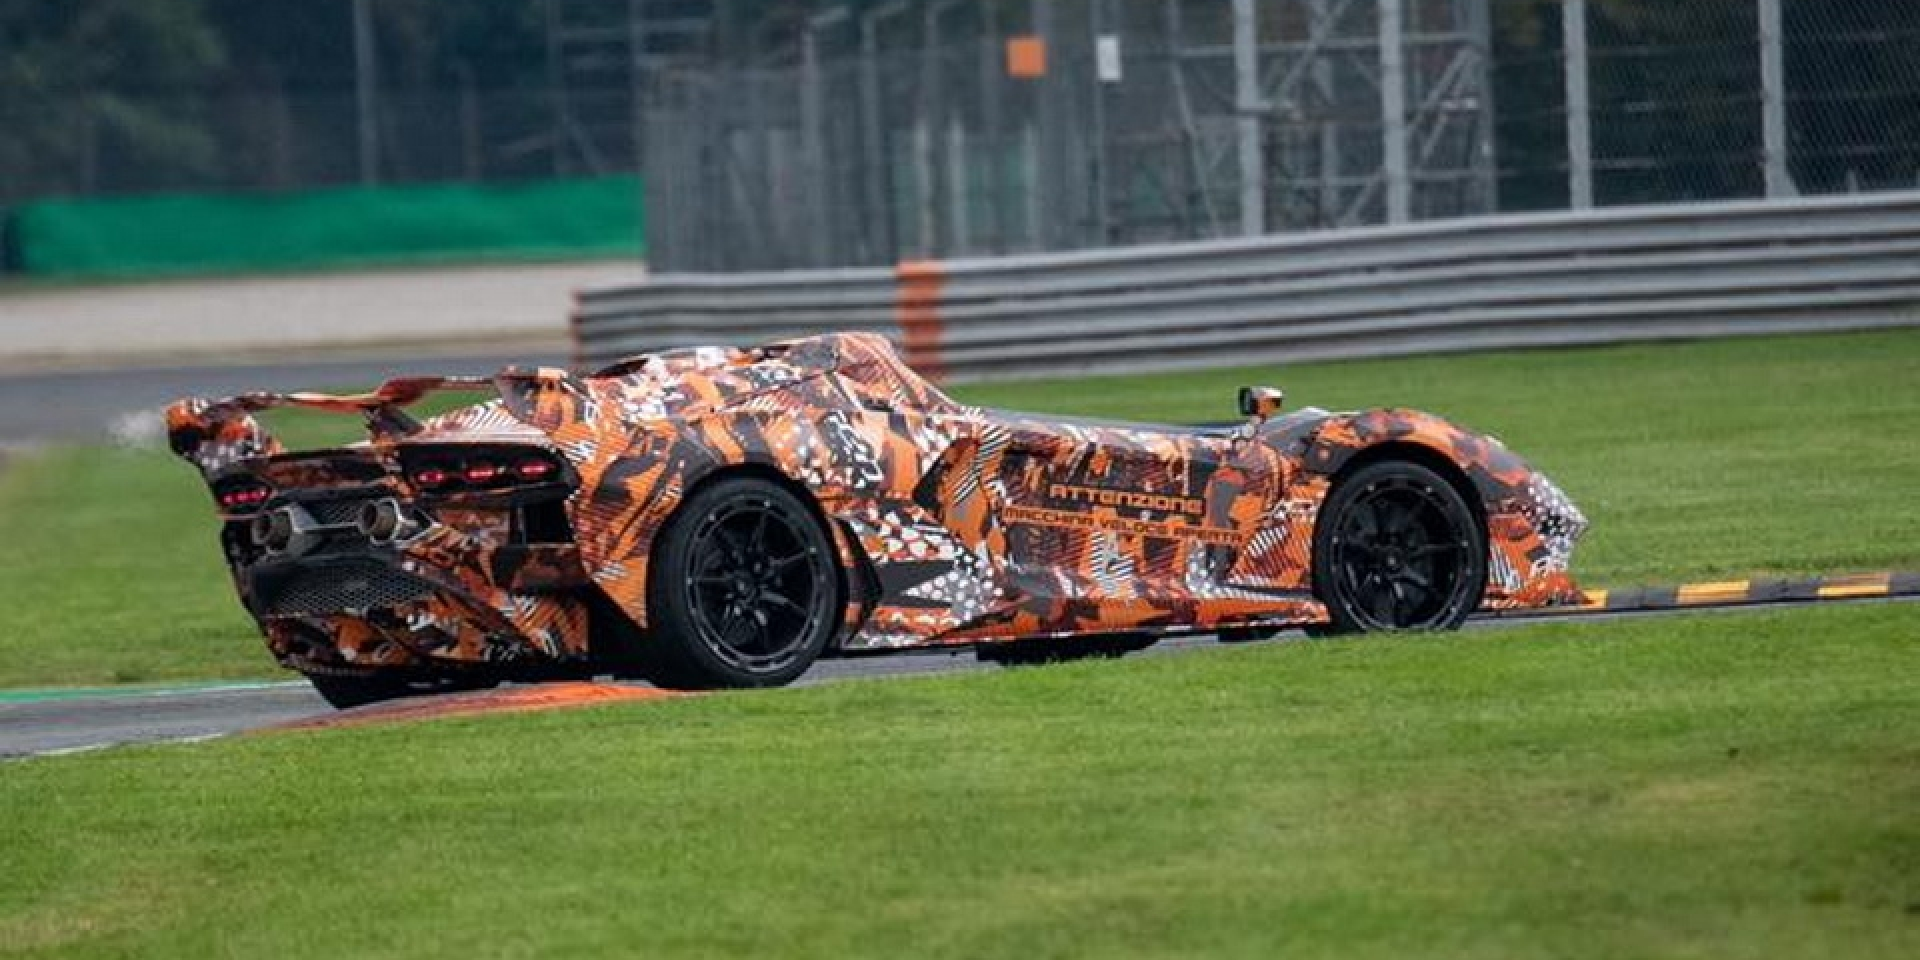 認真還是玩笑?Lamborghini也在打造無車頂超跑?